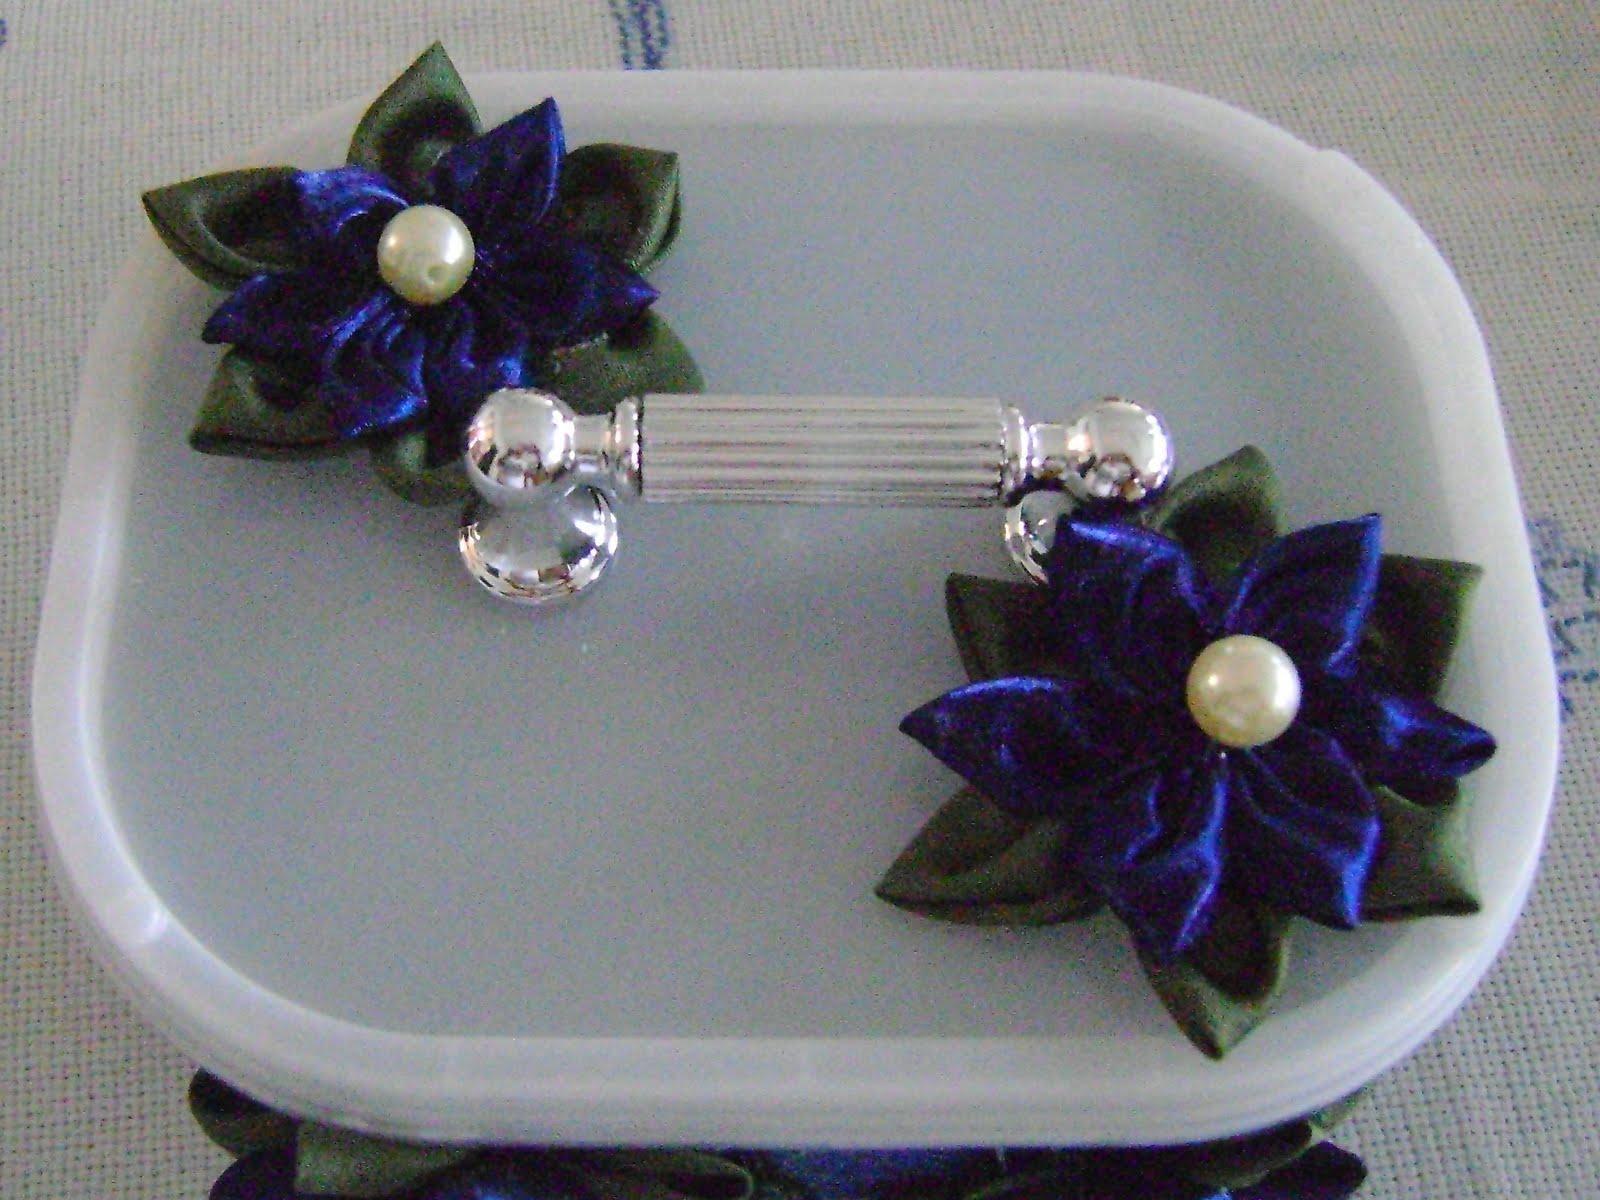 http://4.bp.blogspot.com/_UG3IfqLXa68/TBaX5D43tII/AAAAAAAAATk/_TkeFGzNU64/s1600/artesanatos+1+045.jpg